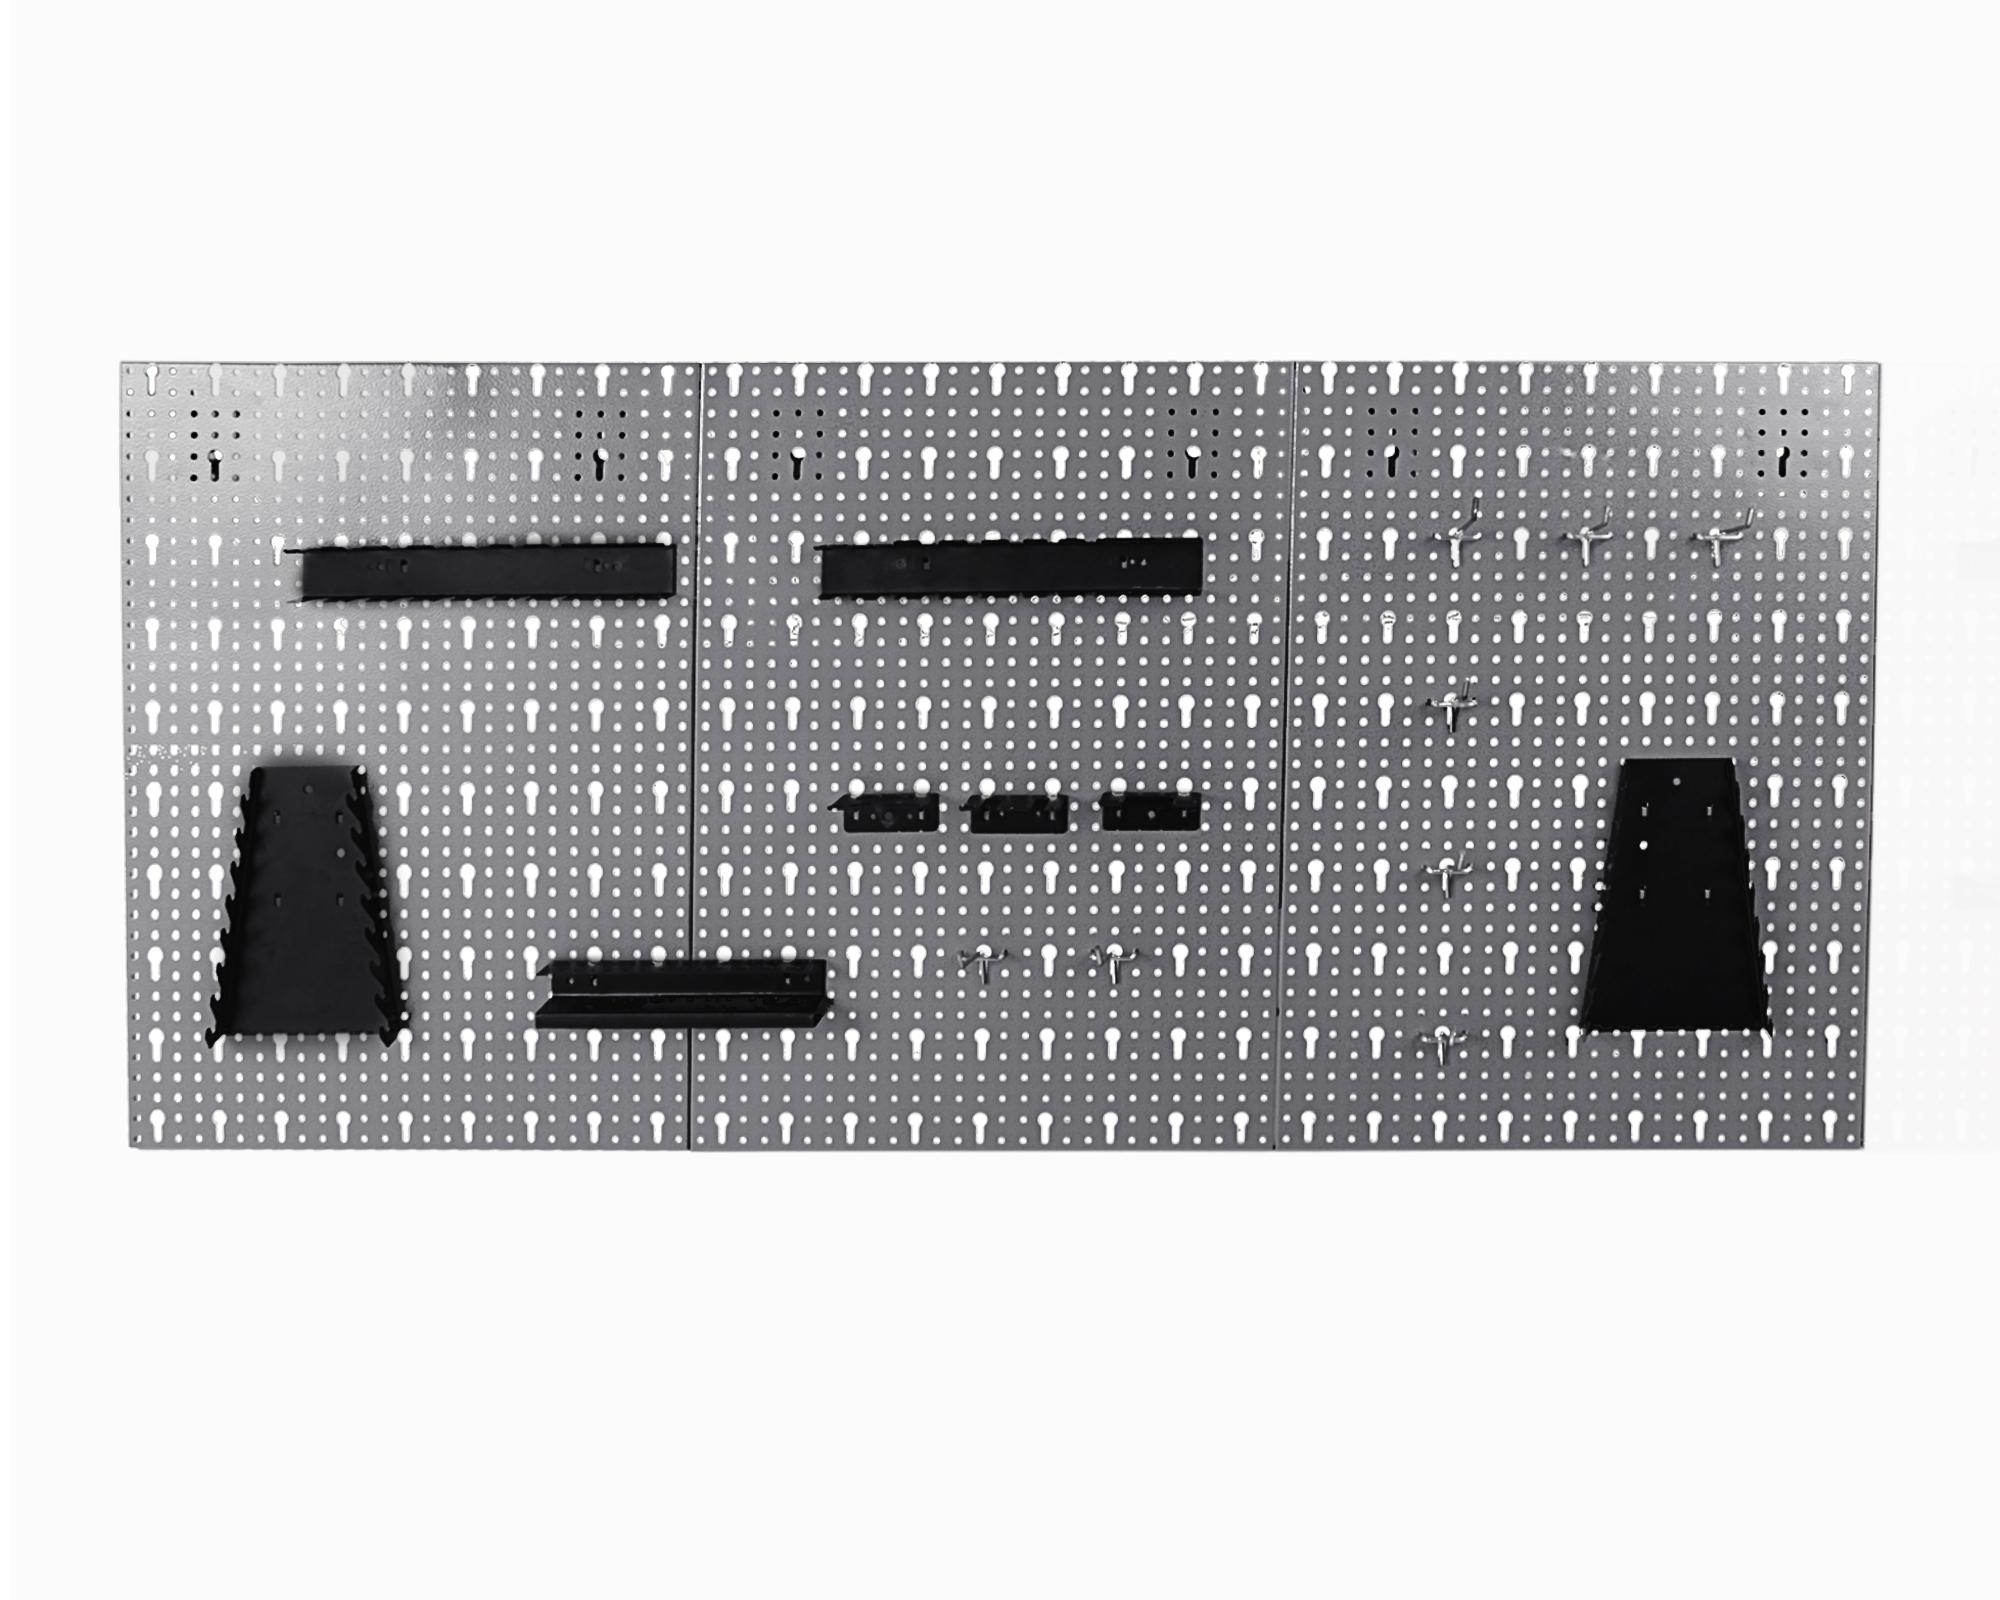 ondis24.com | Werkzeugwand Lochwand mit Hakensortiment aus Metall